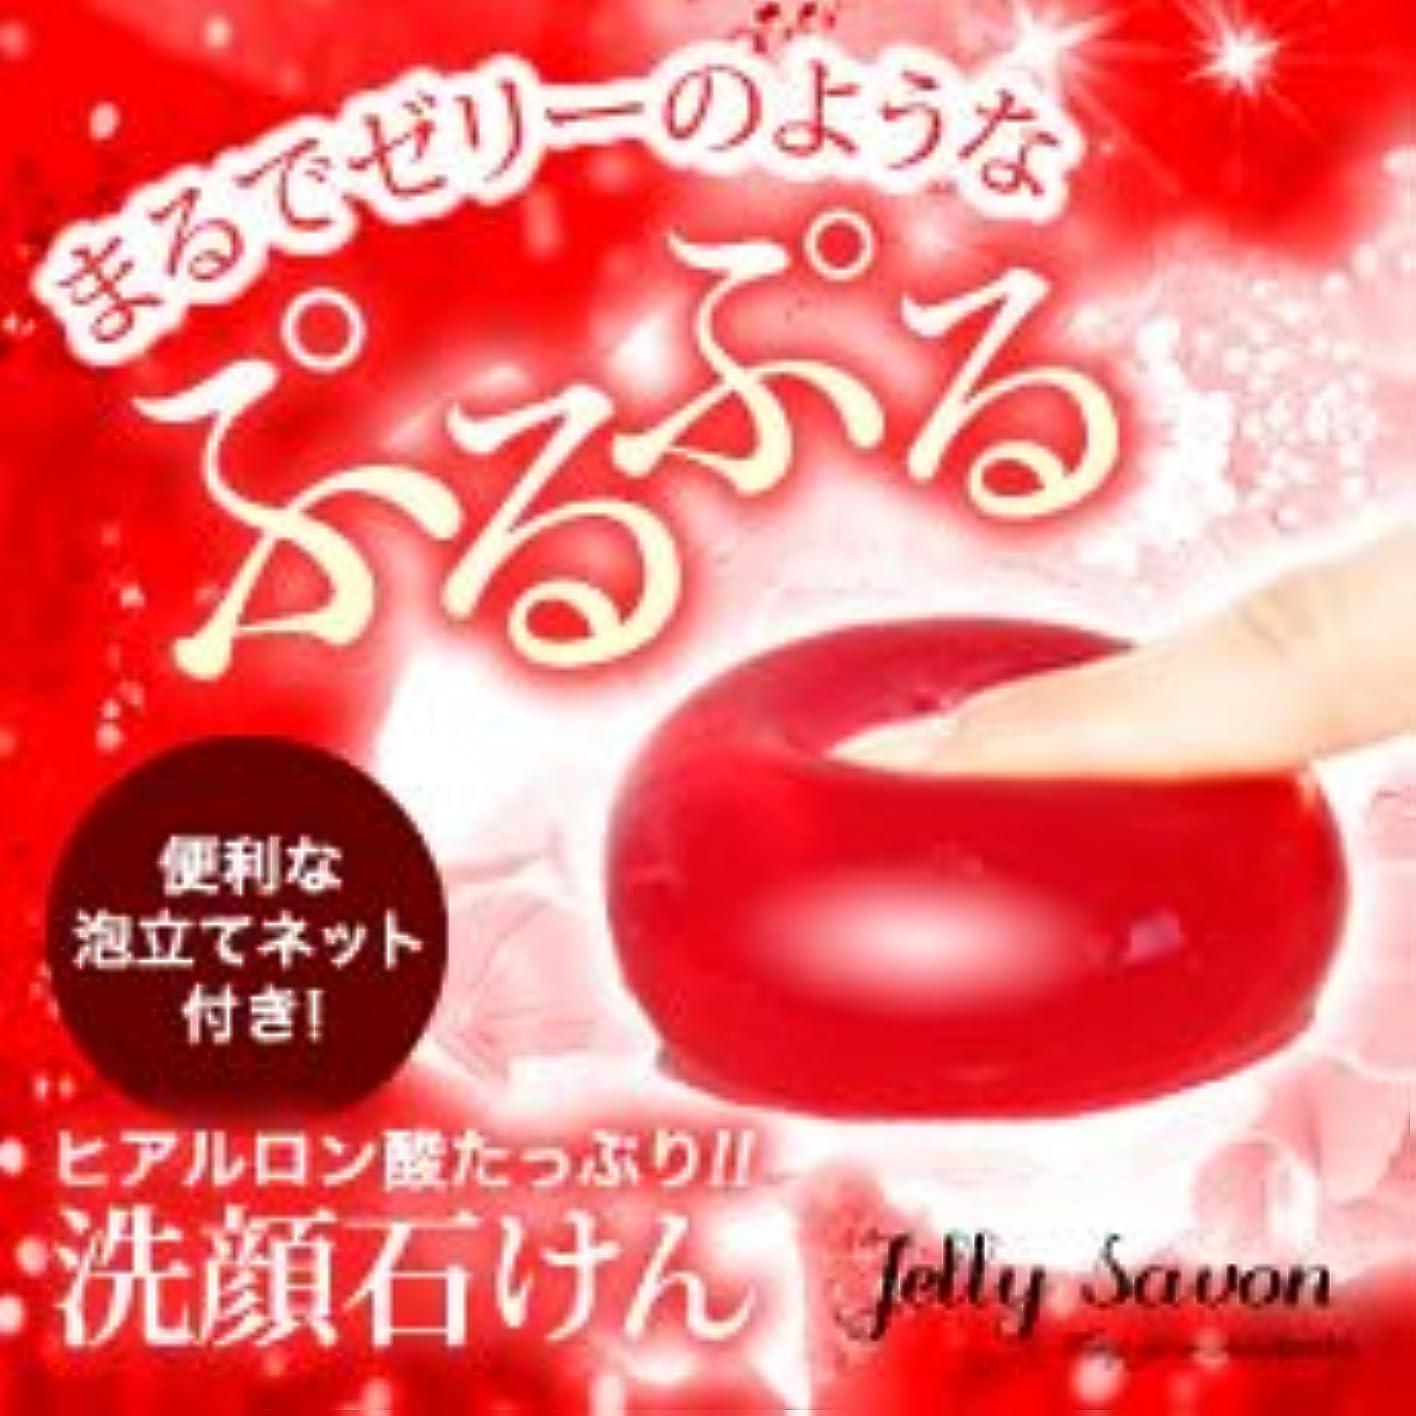 Jelly Savon(ジェリーサボン)